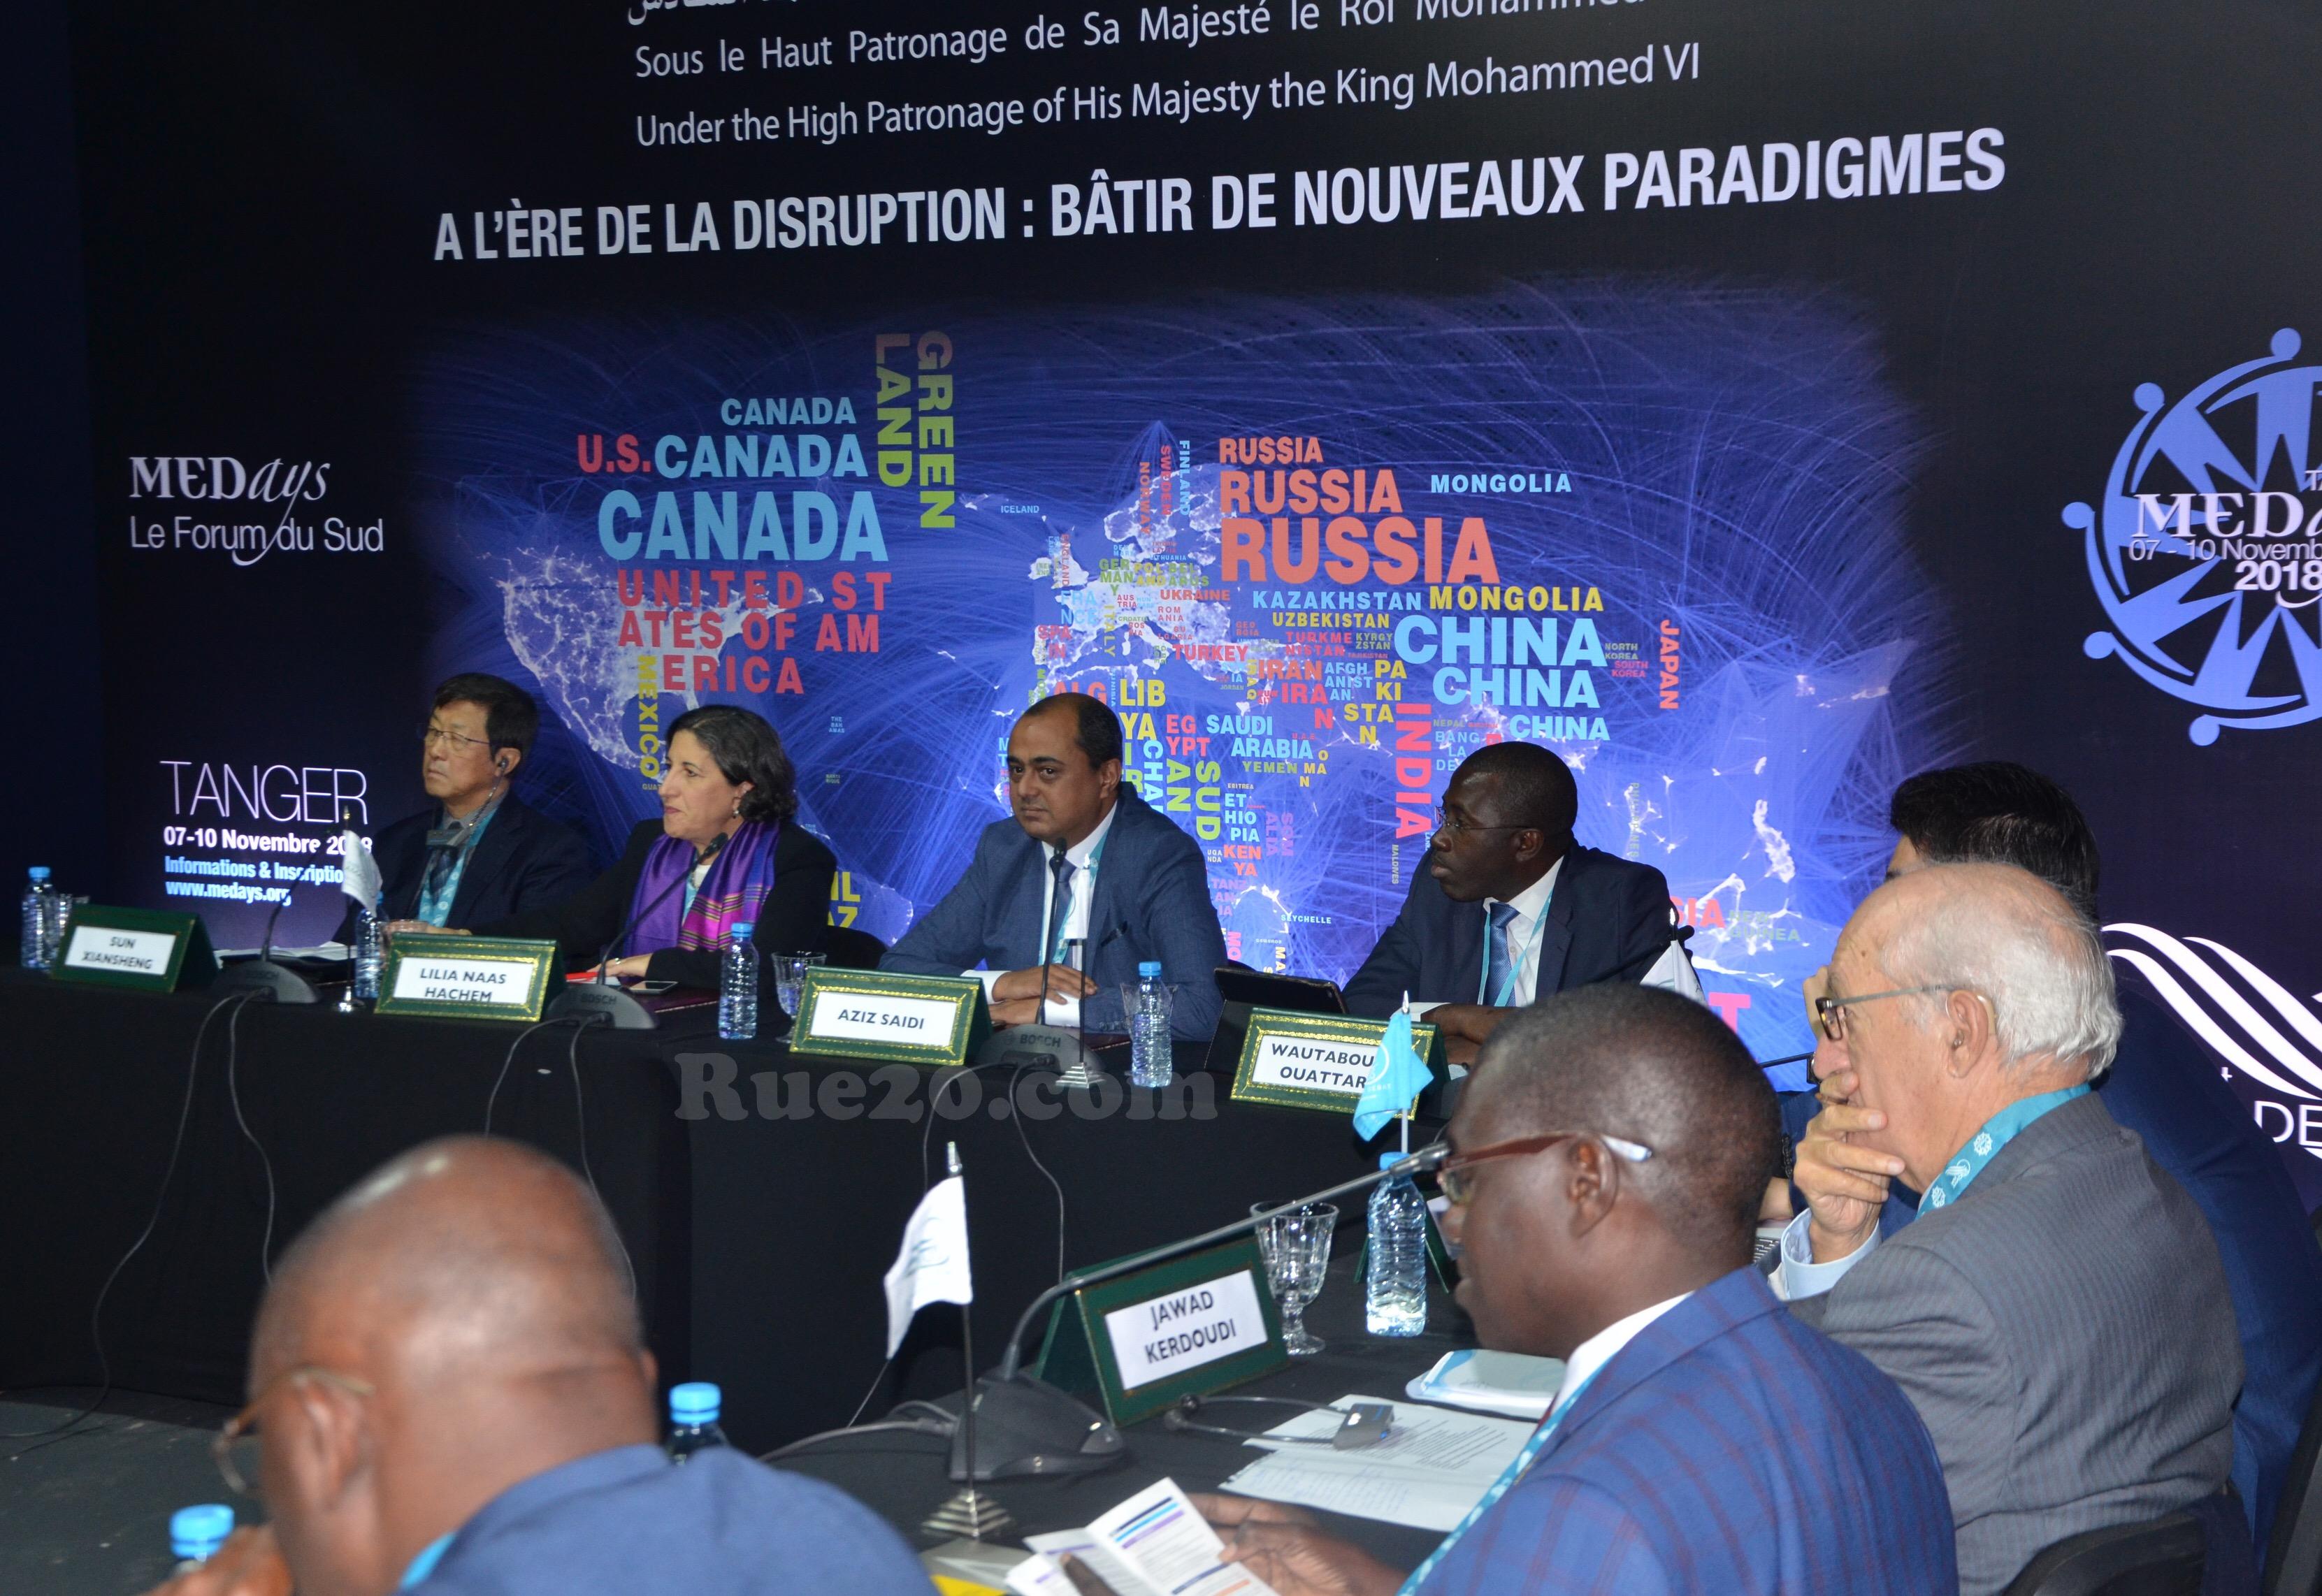 وزراء ومسؤولون أفارقة: إنضمام المغرب لـ'سيدياو' سيعطي دفعة قوية لمشاريع ضخمة بالقارة